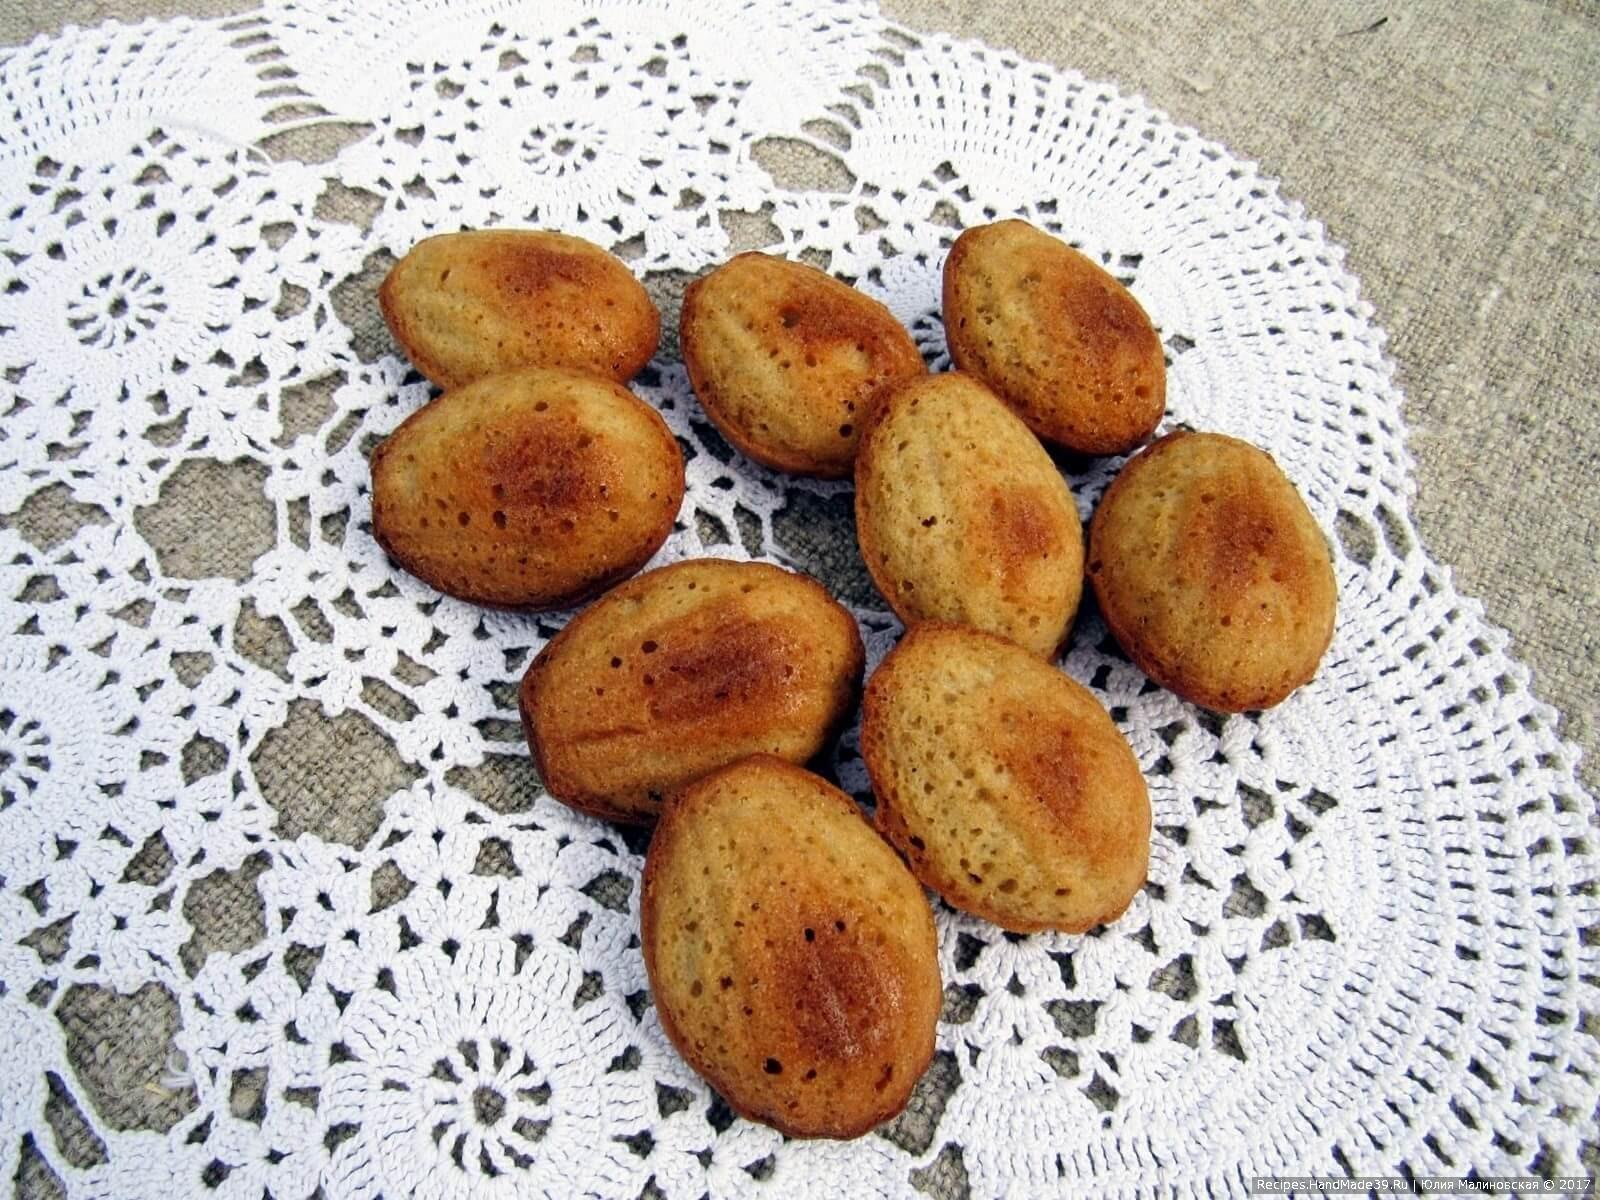 Как сделать французское кофейное бисквитное печенье «Мадлен» – пошаговый кулинарный рецепт с фото